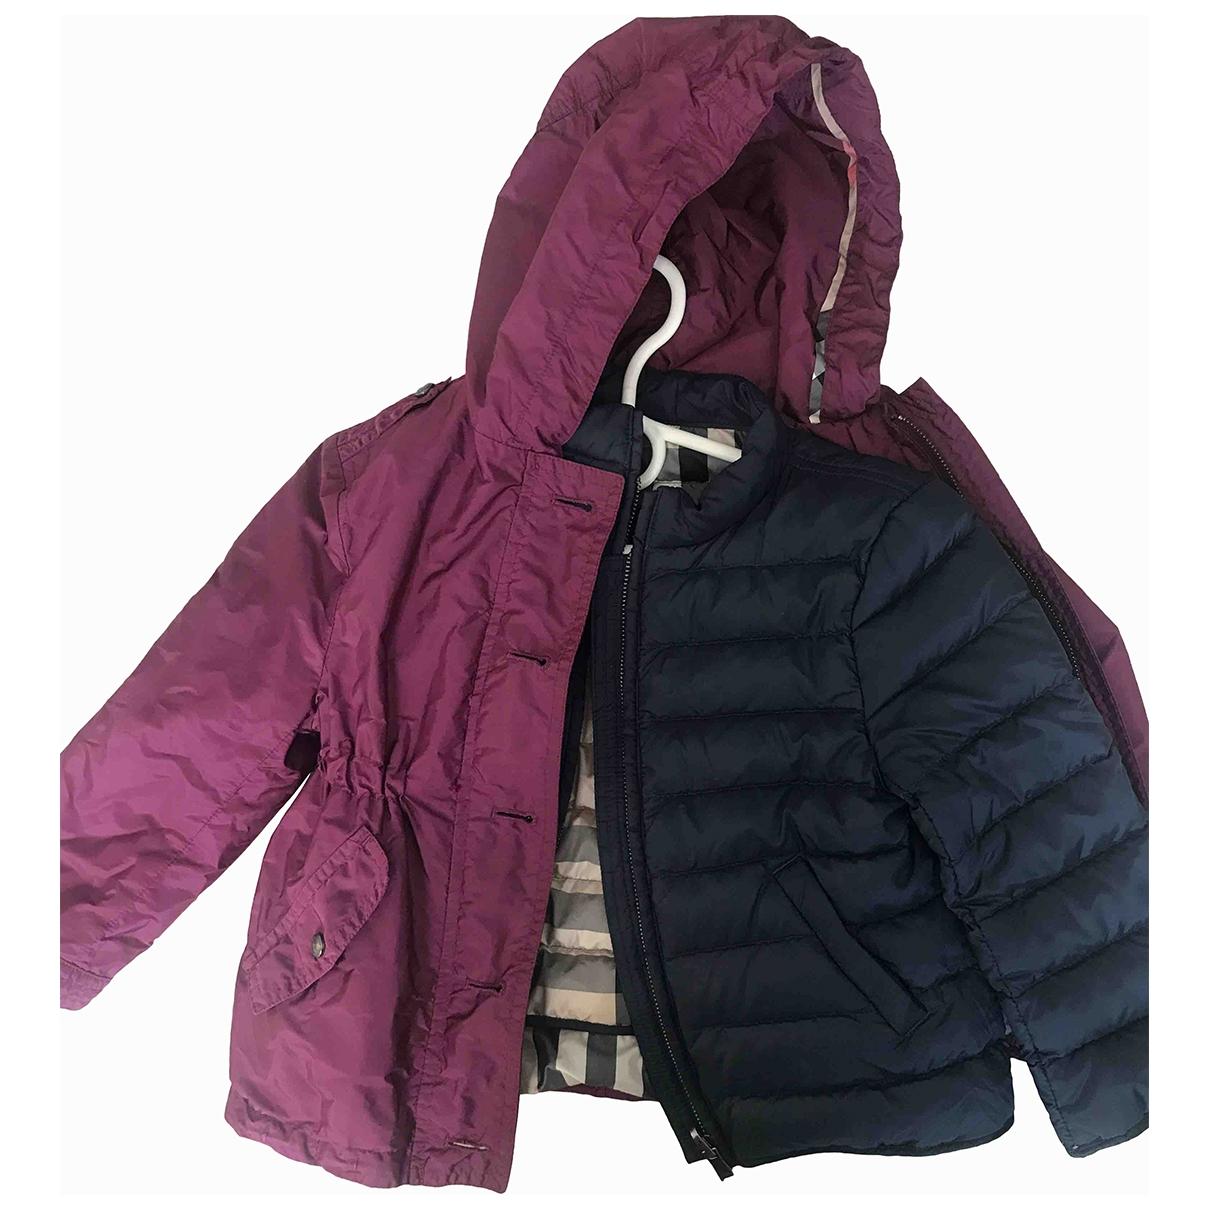 Burberry - Blousons.Manteaux   pour enfant - violet